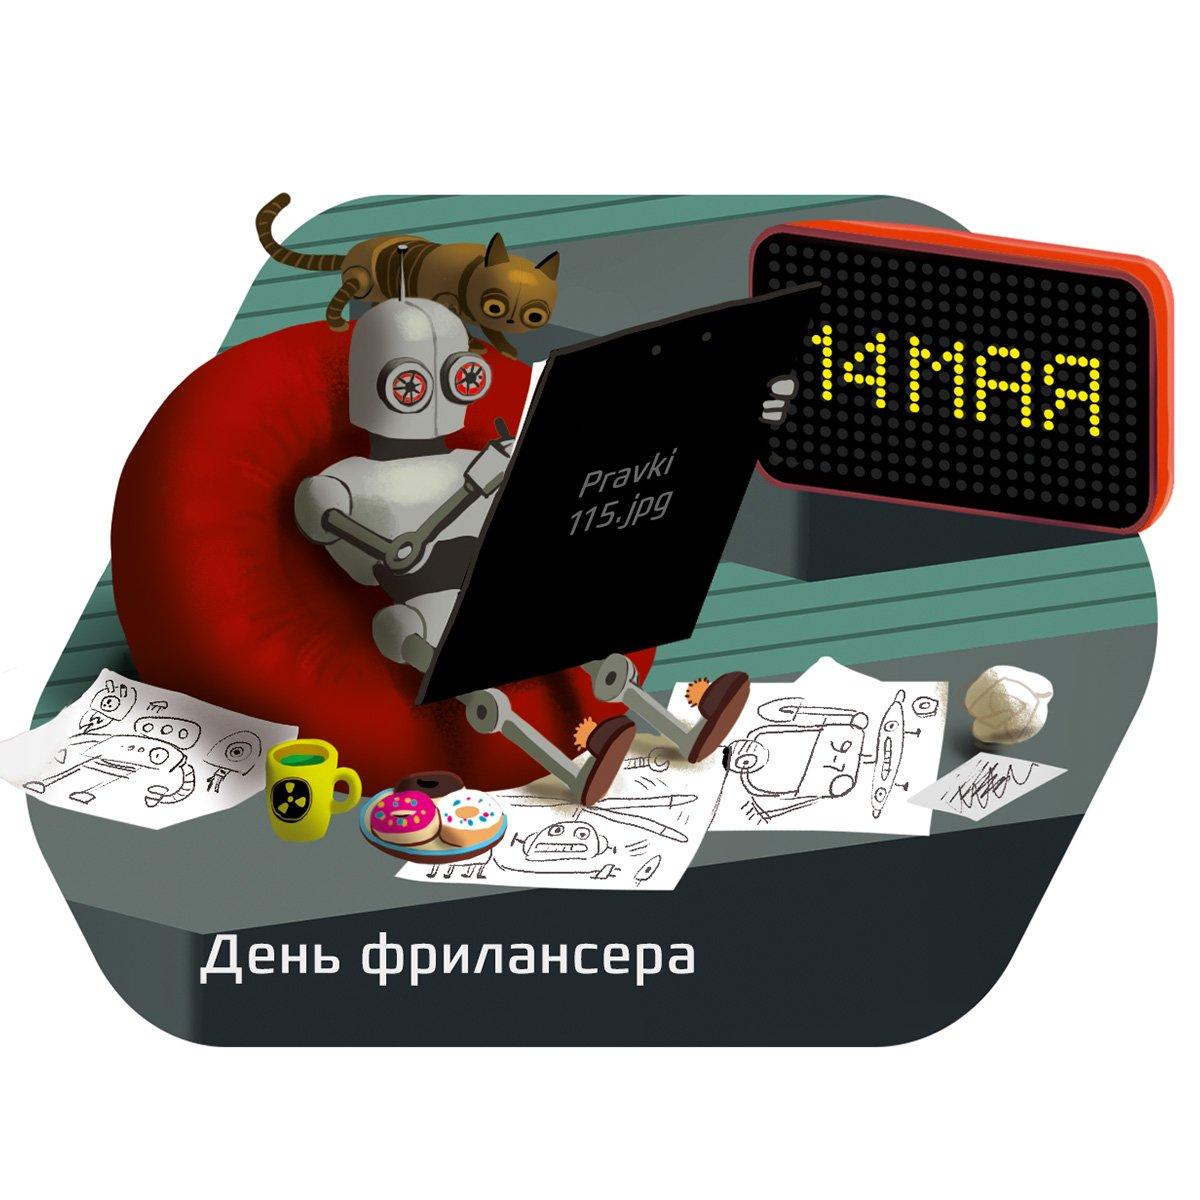 День фрилансера 14 мая work up freelancer